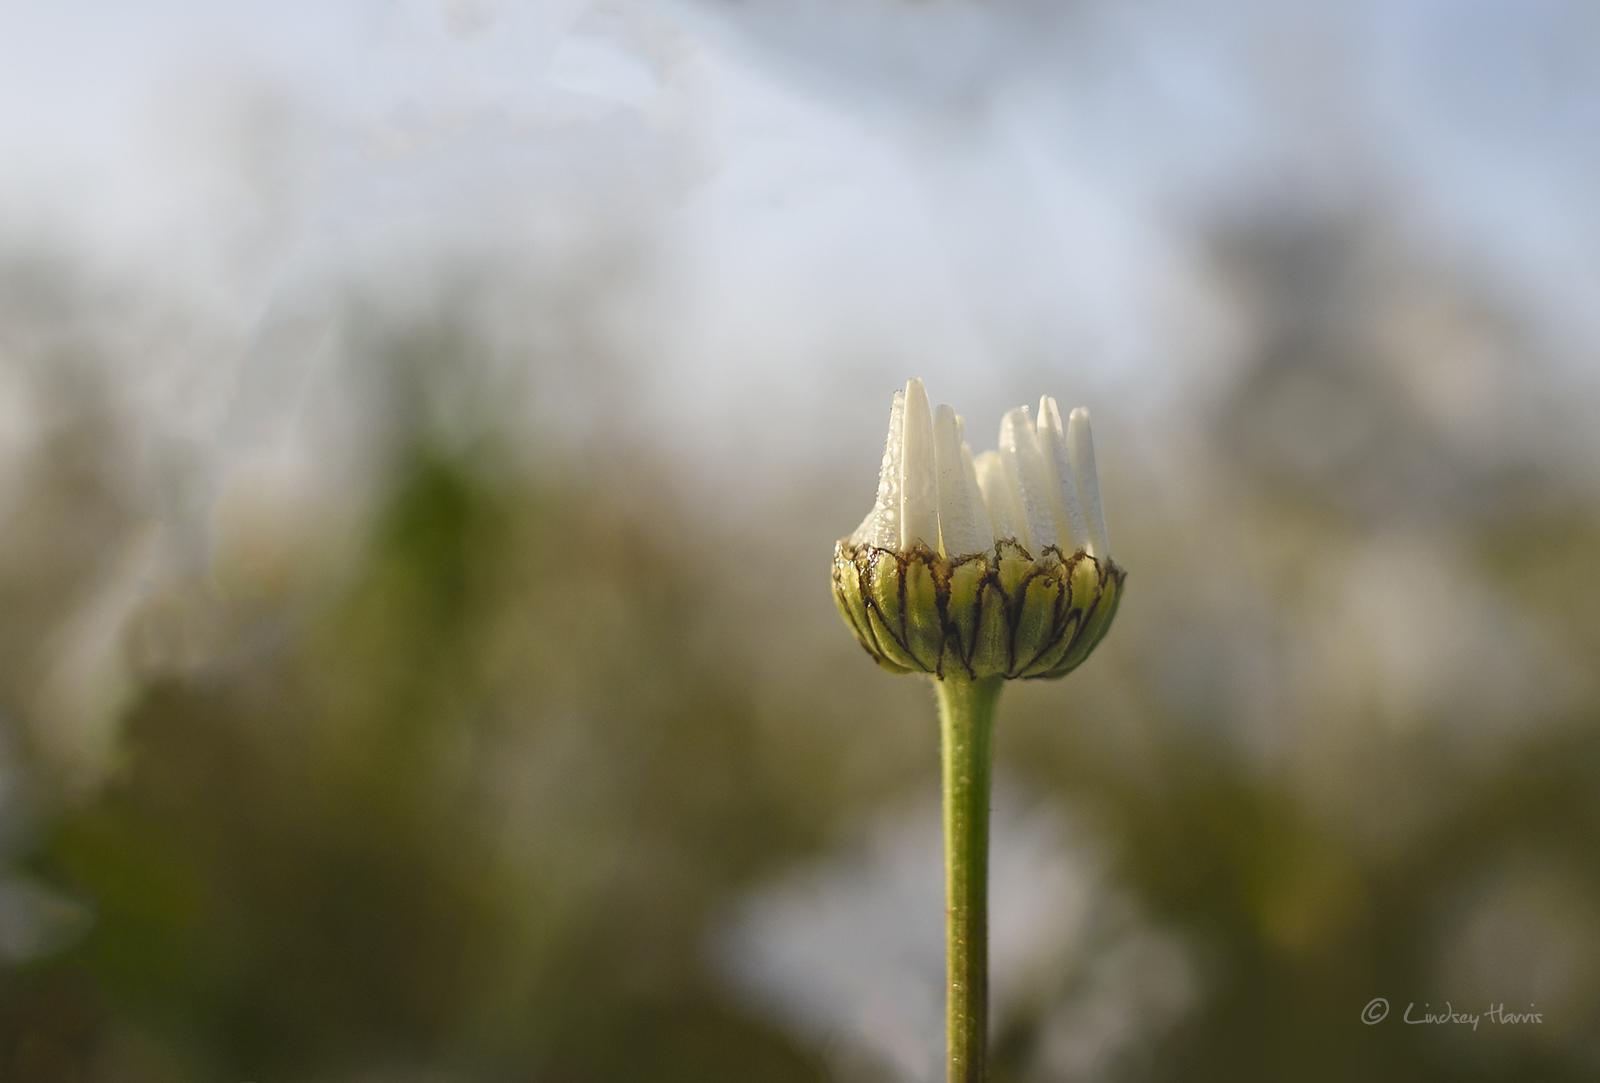 Ox-eye daisy flower at first light, Dorset.